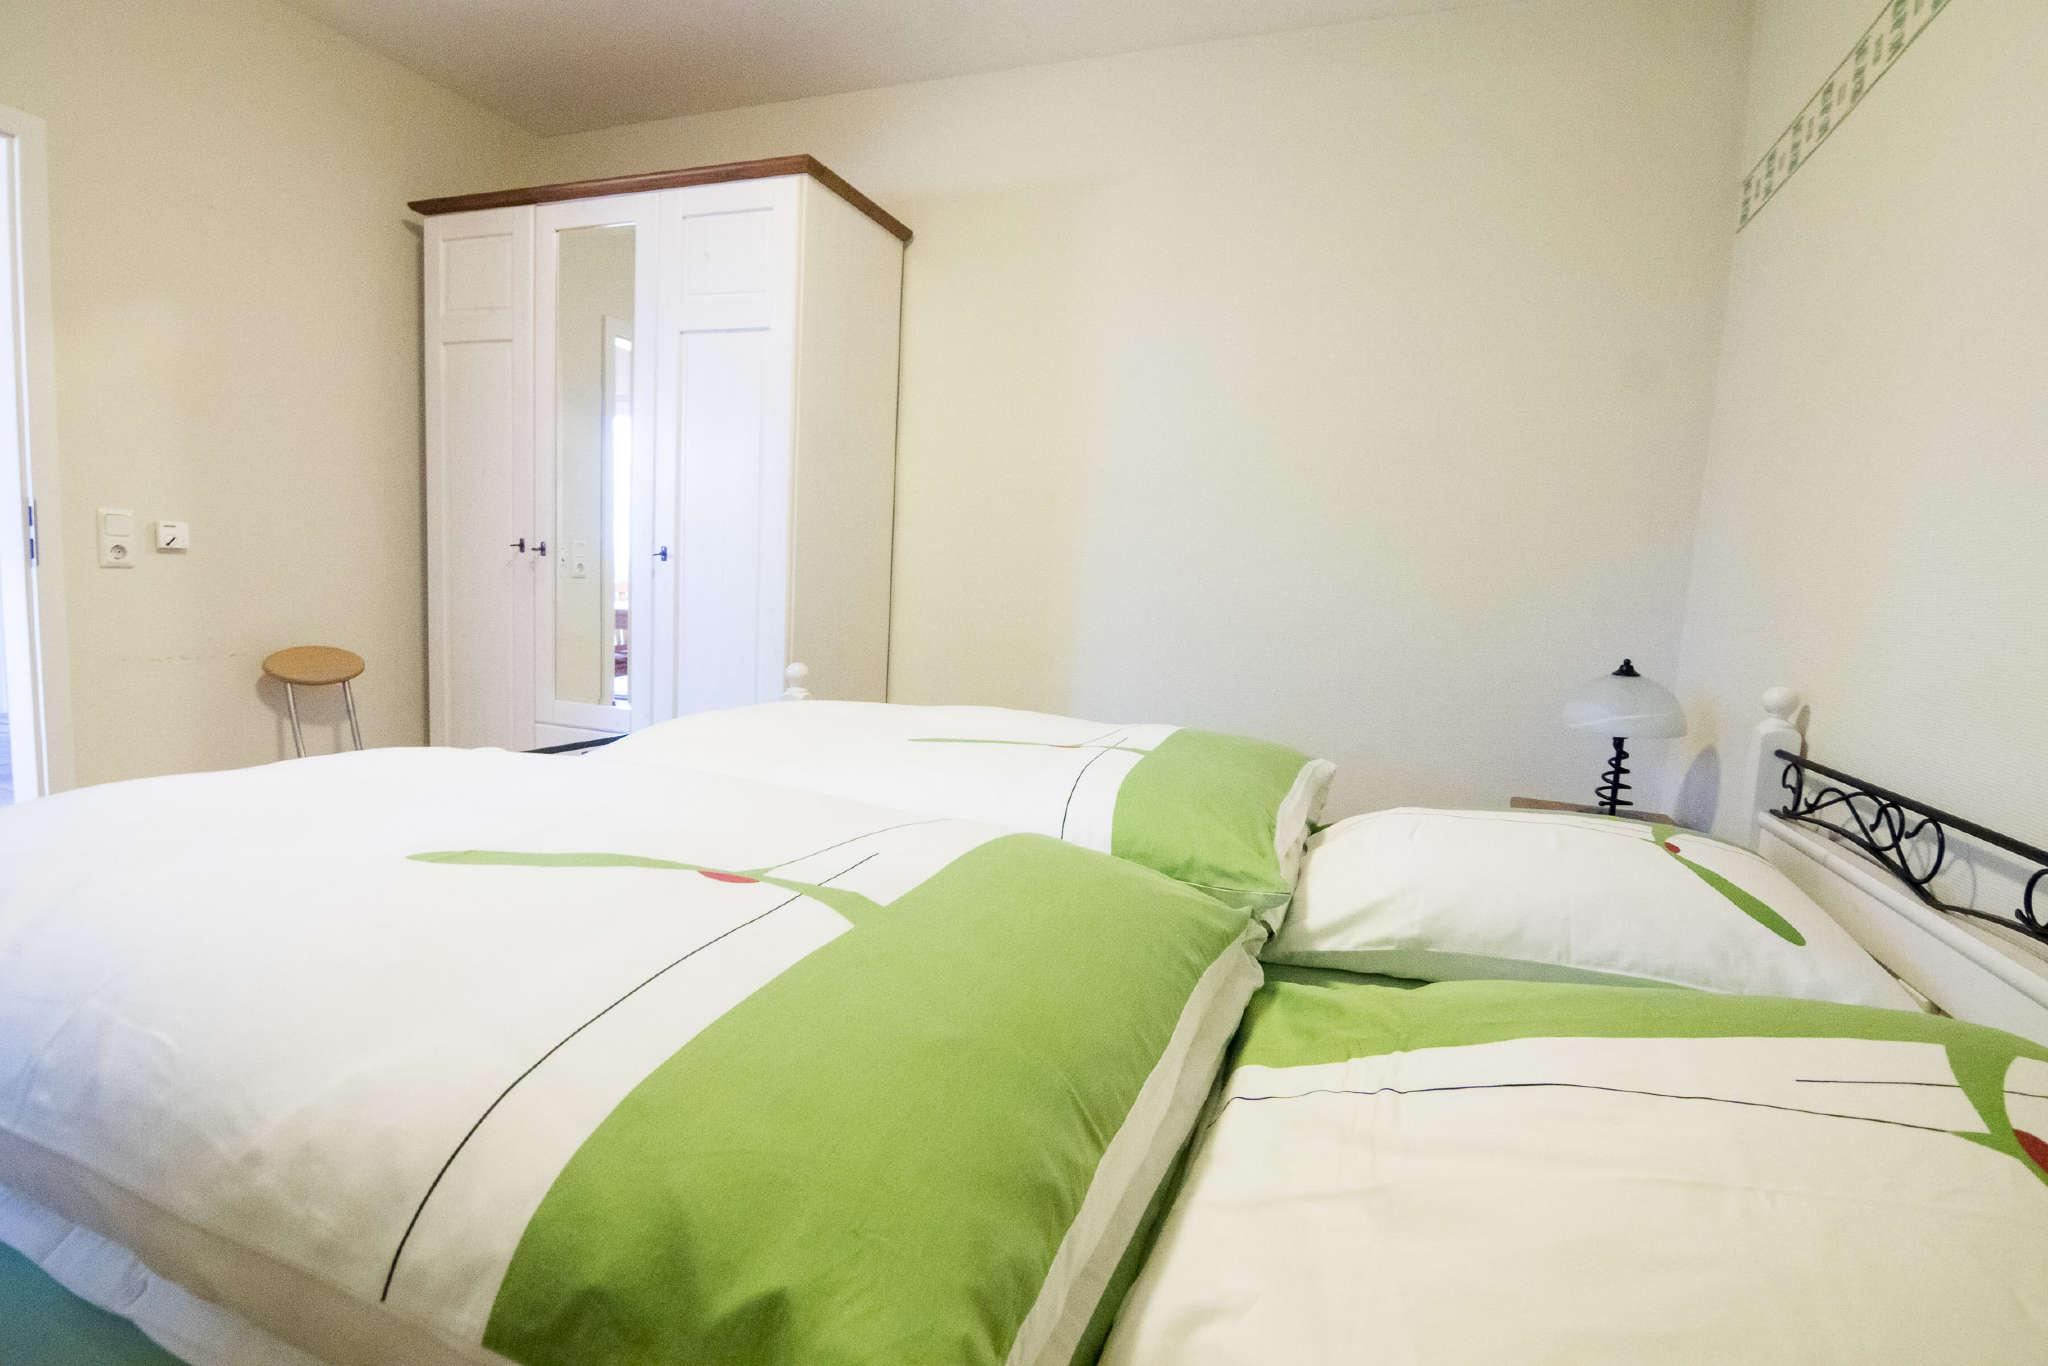 Schlafzimmer mit Doppelbett (Ansicht 1)